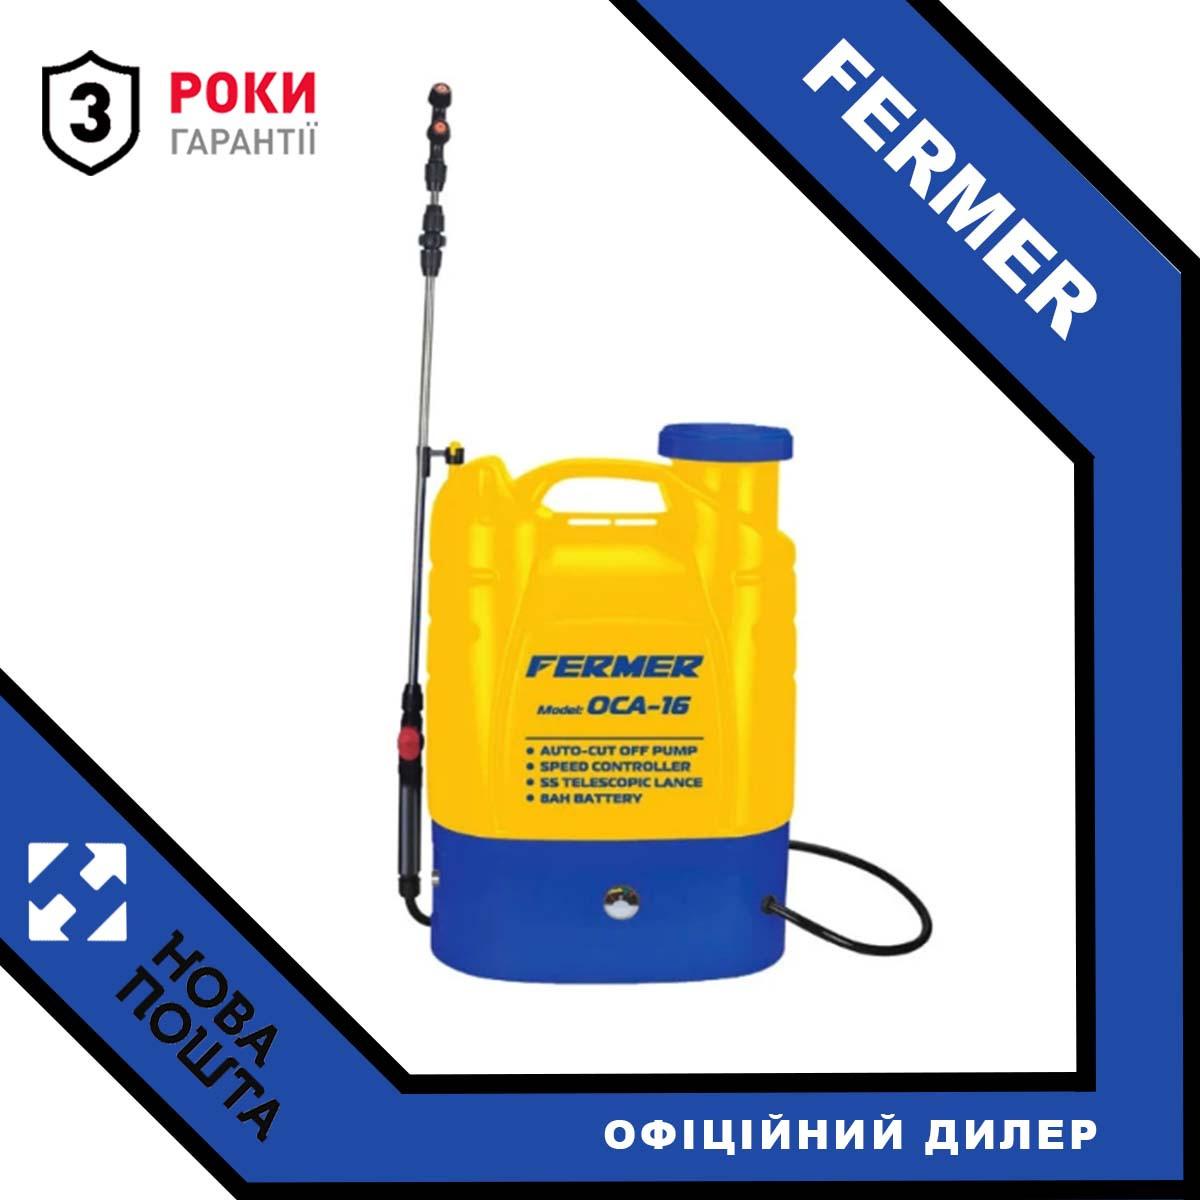 Акумуляторний обприскувач Fermer ОСА - 16